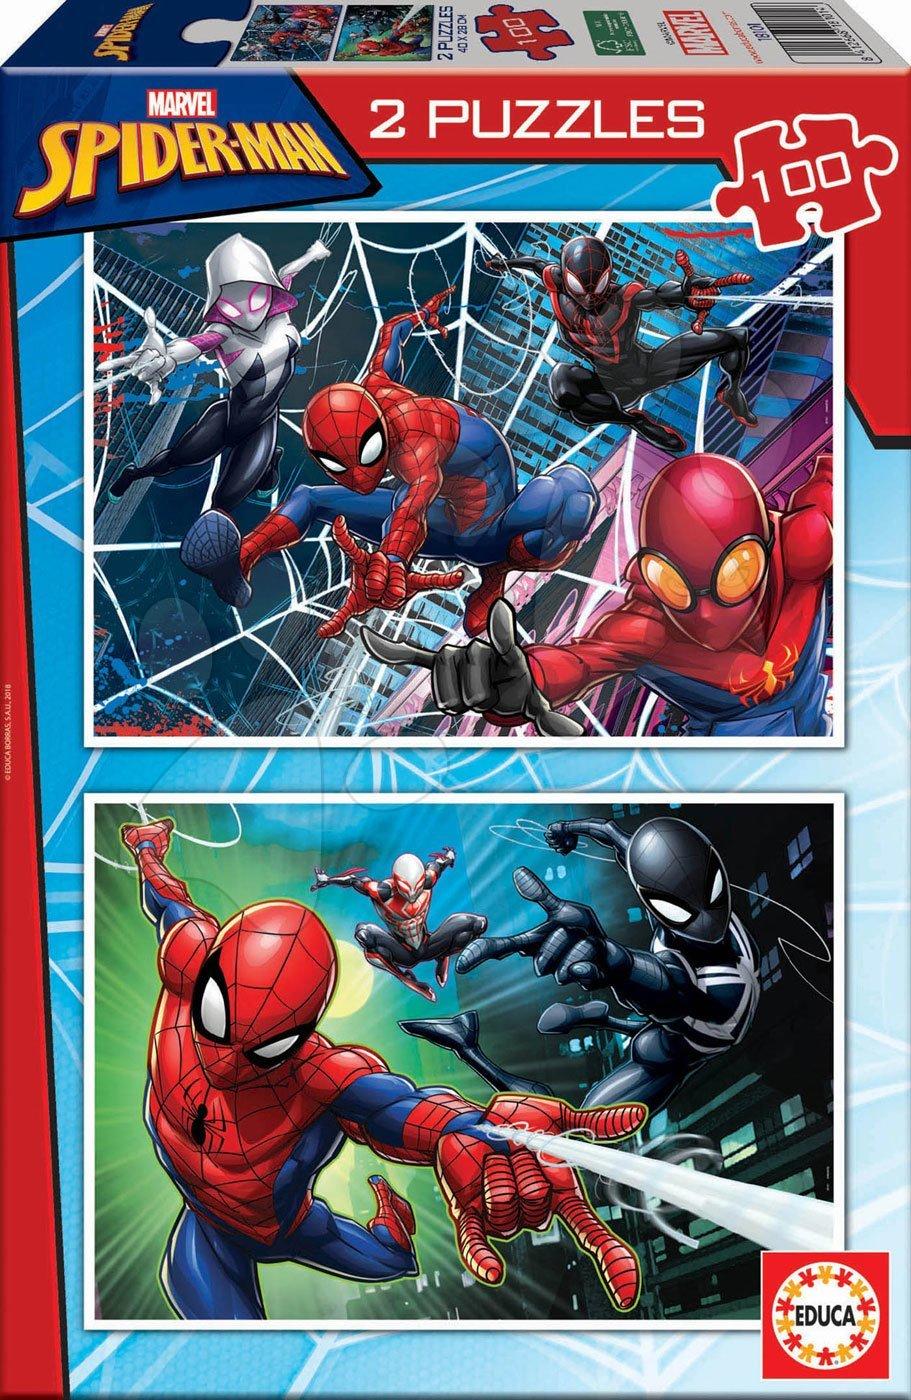 Dětské puzzle od 100–300 dílků - Puzzle pro děti Spiderman Educa 2 x 100 dílků od 6 let